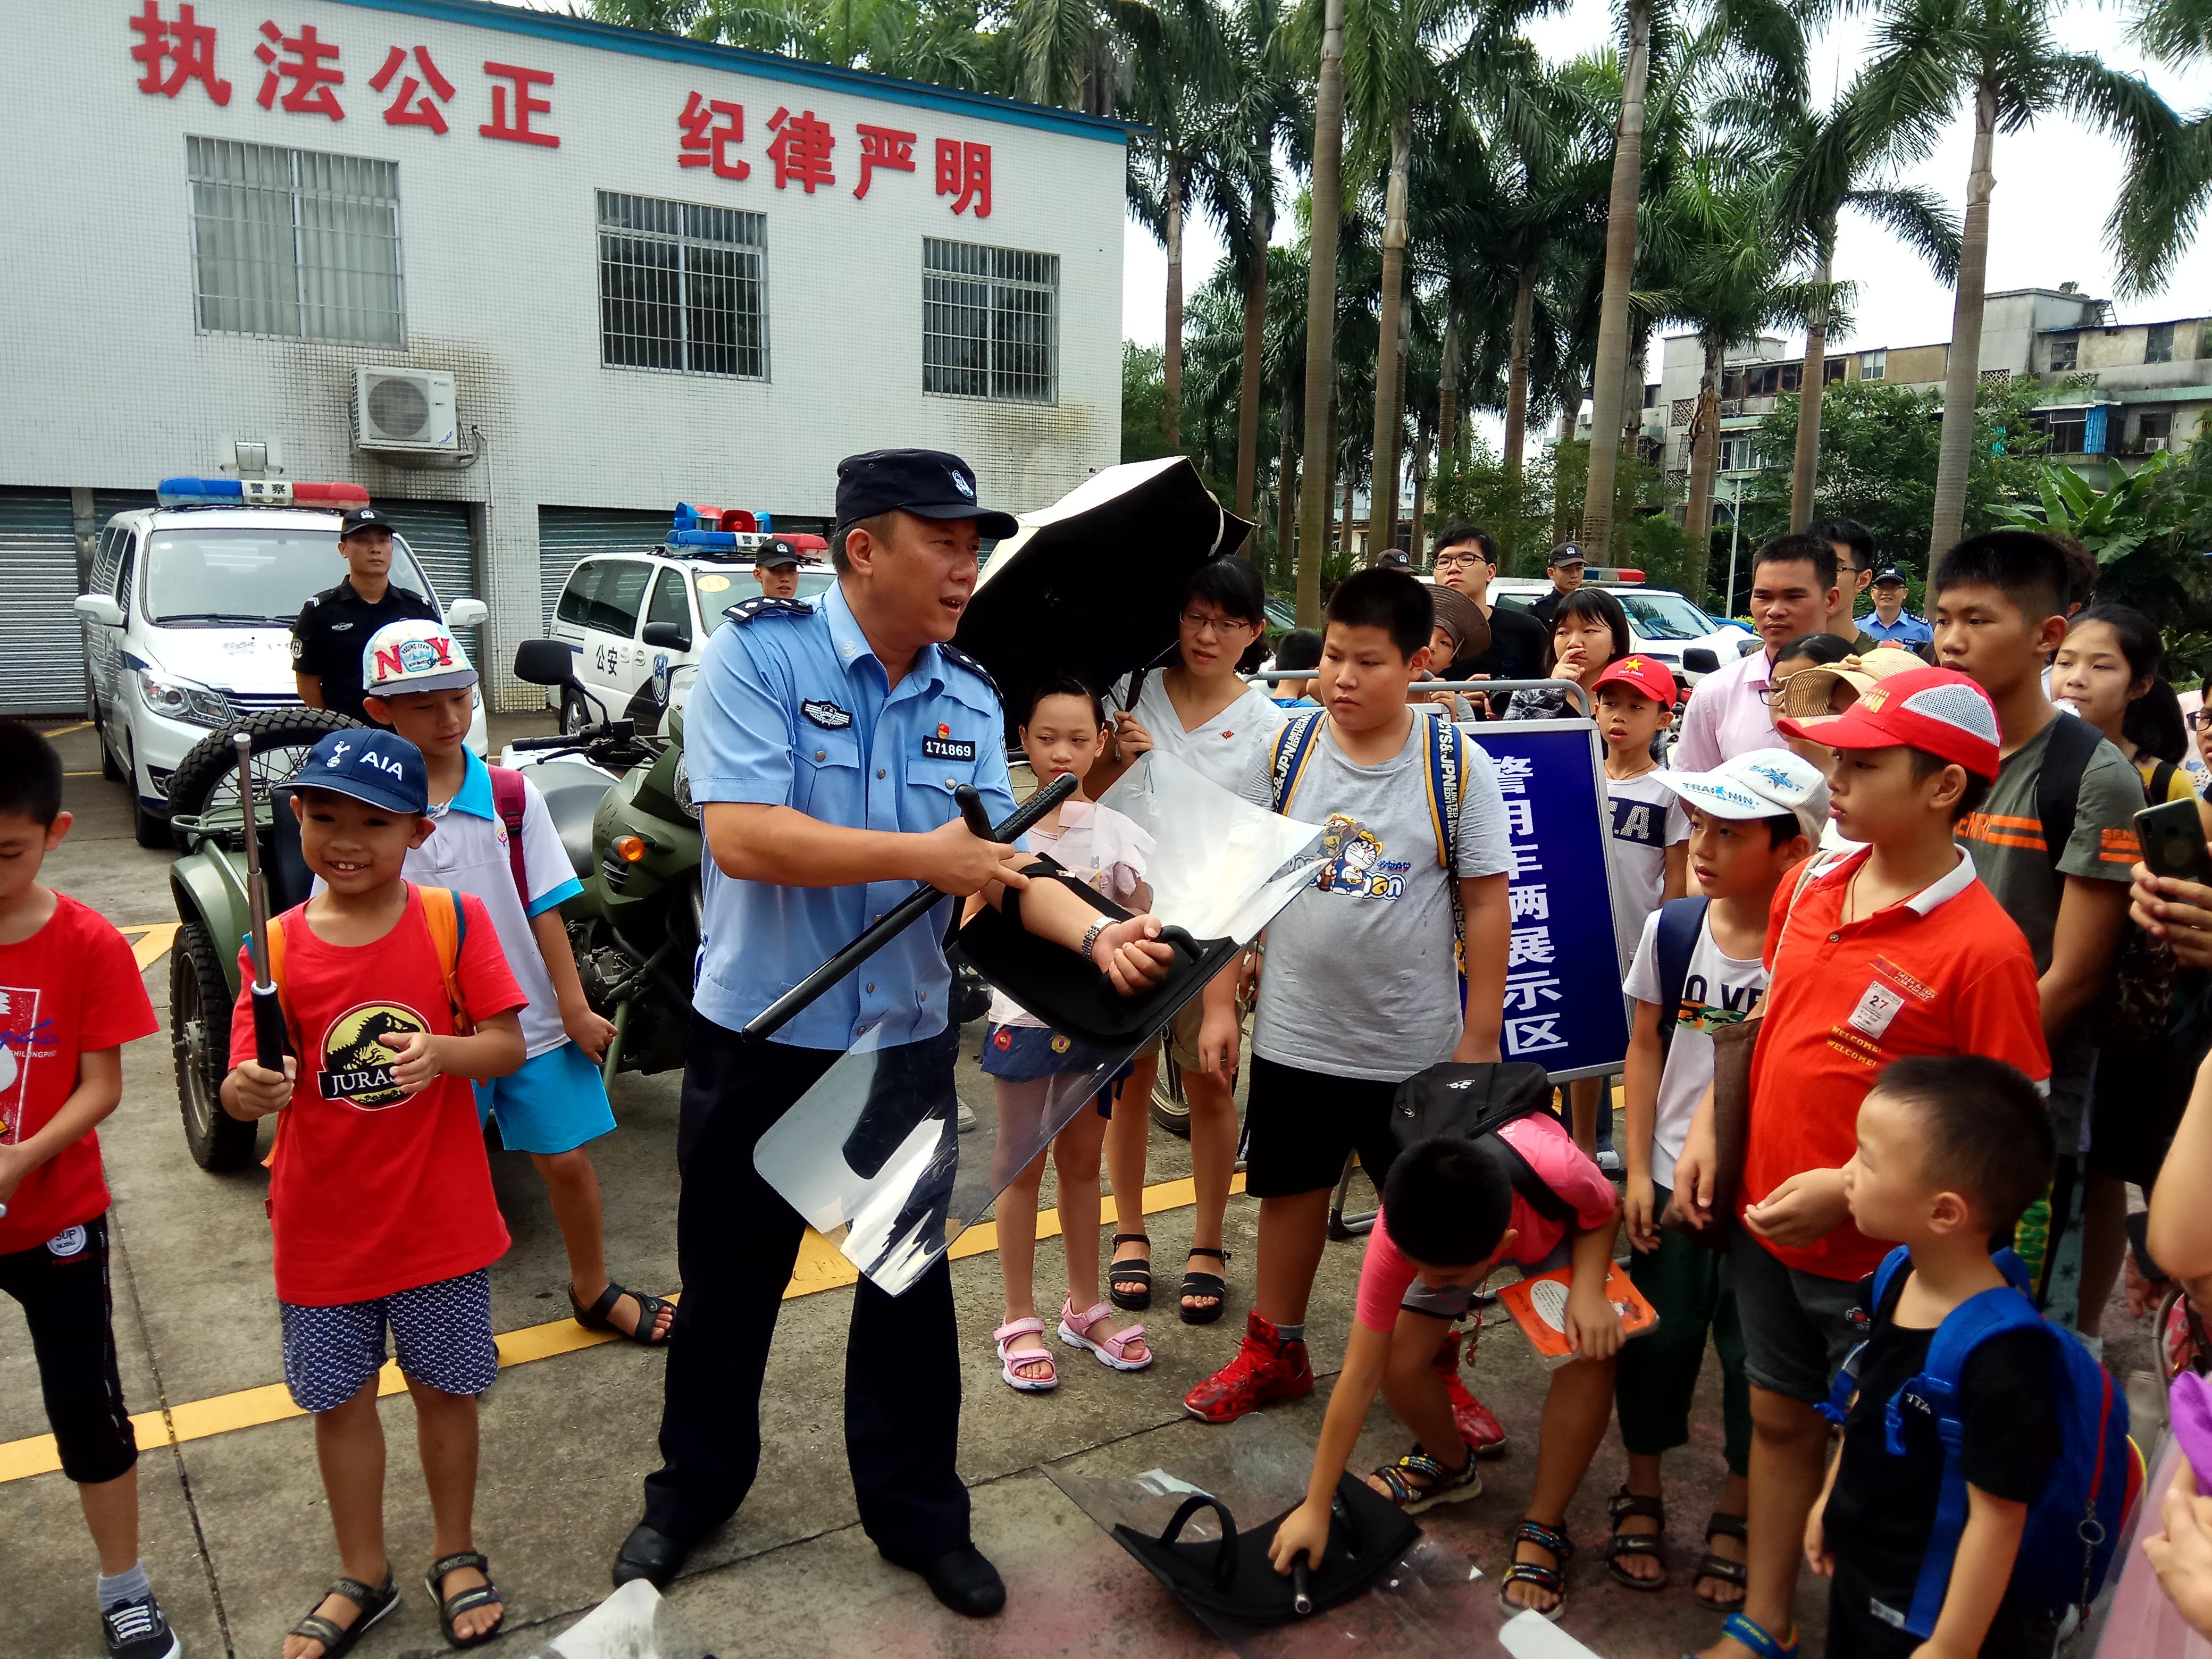 蓬江警营开放日活动 市民体验警械